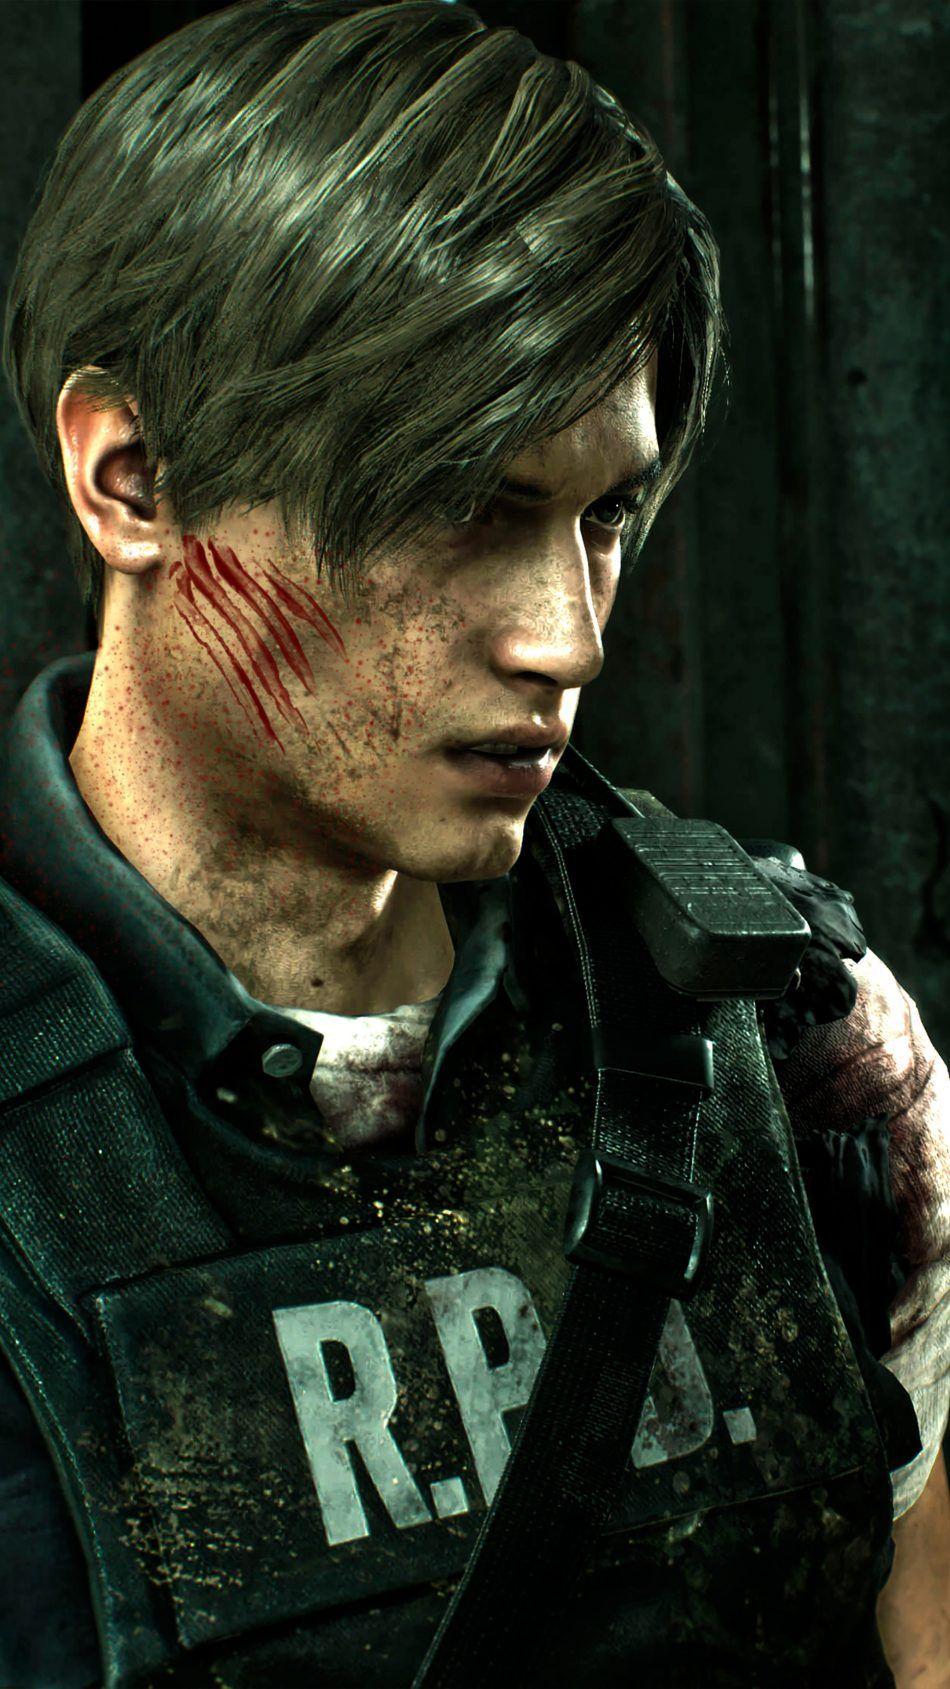 Leon S Kennedy Rpd Resident Evil 2 4k Ultra Hd Mobile Wallpaper Resident Evil Leon Resident Evil Girl Resident Evil